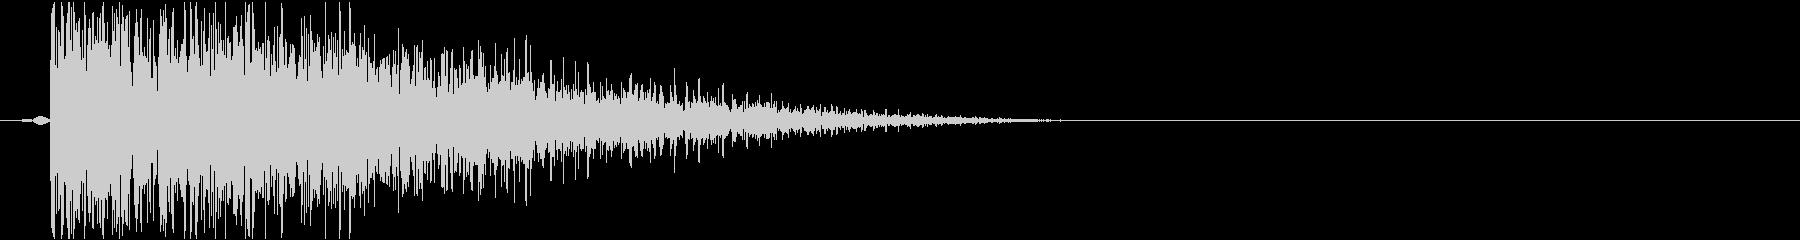 カーソル音_決定音_長調-F#-19_の未再生の波形